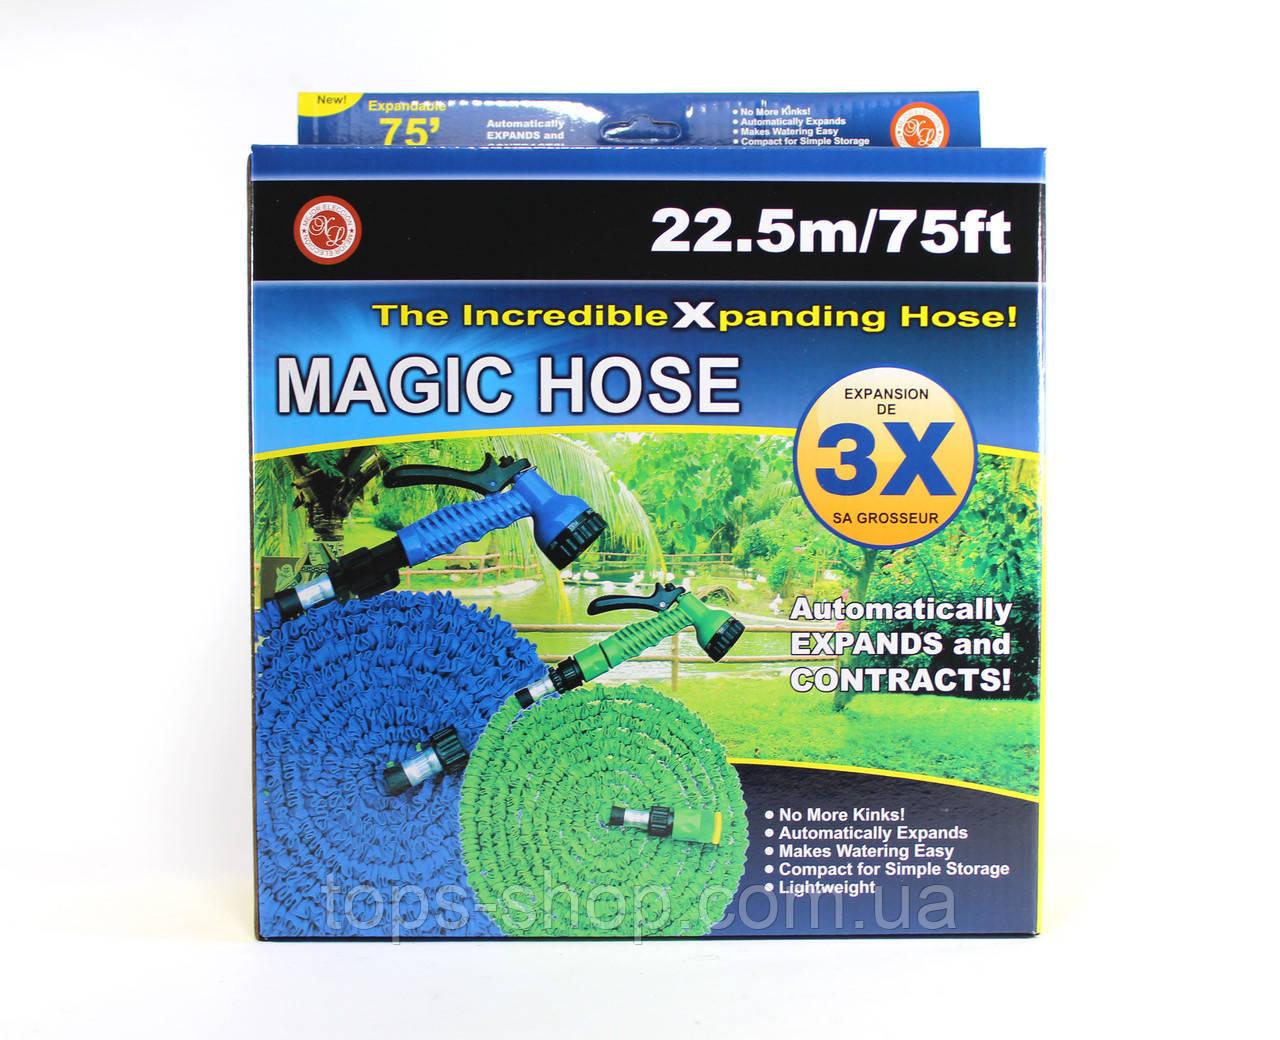 Cадовый шланг для полива X-HOSE 22,5m/75FT, поливочный растягивающийся чудо-шланг  Хоз, насадка распылитель